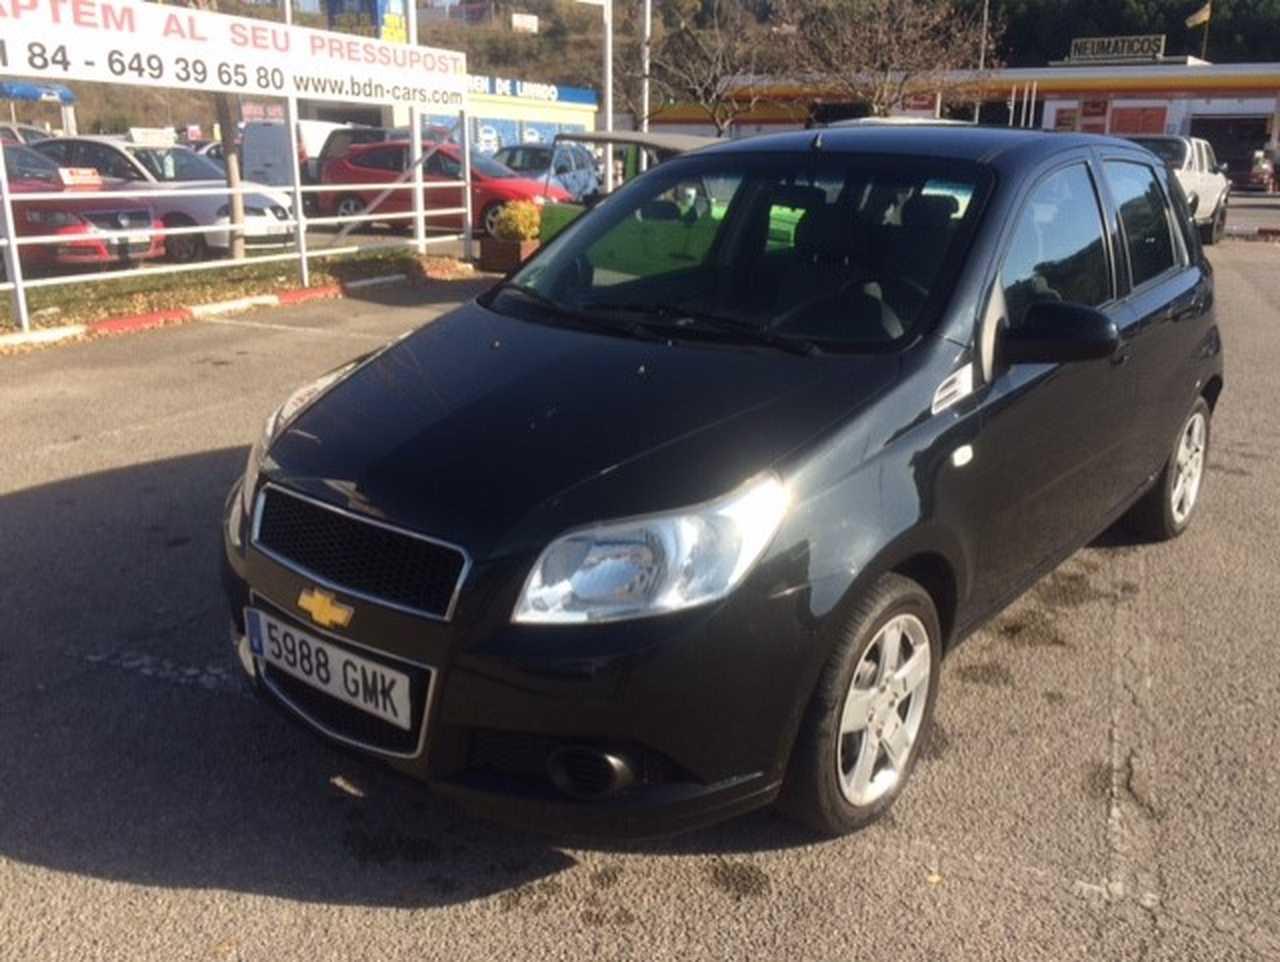 Chevrolet Aveo  5 p LS 16V 1.2 5P   - Foto 1